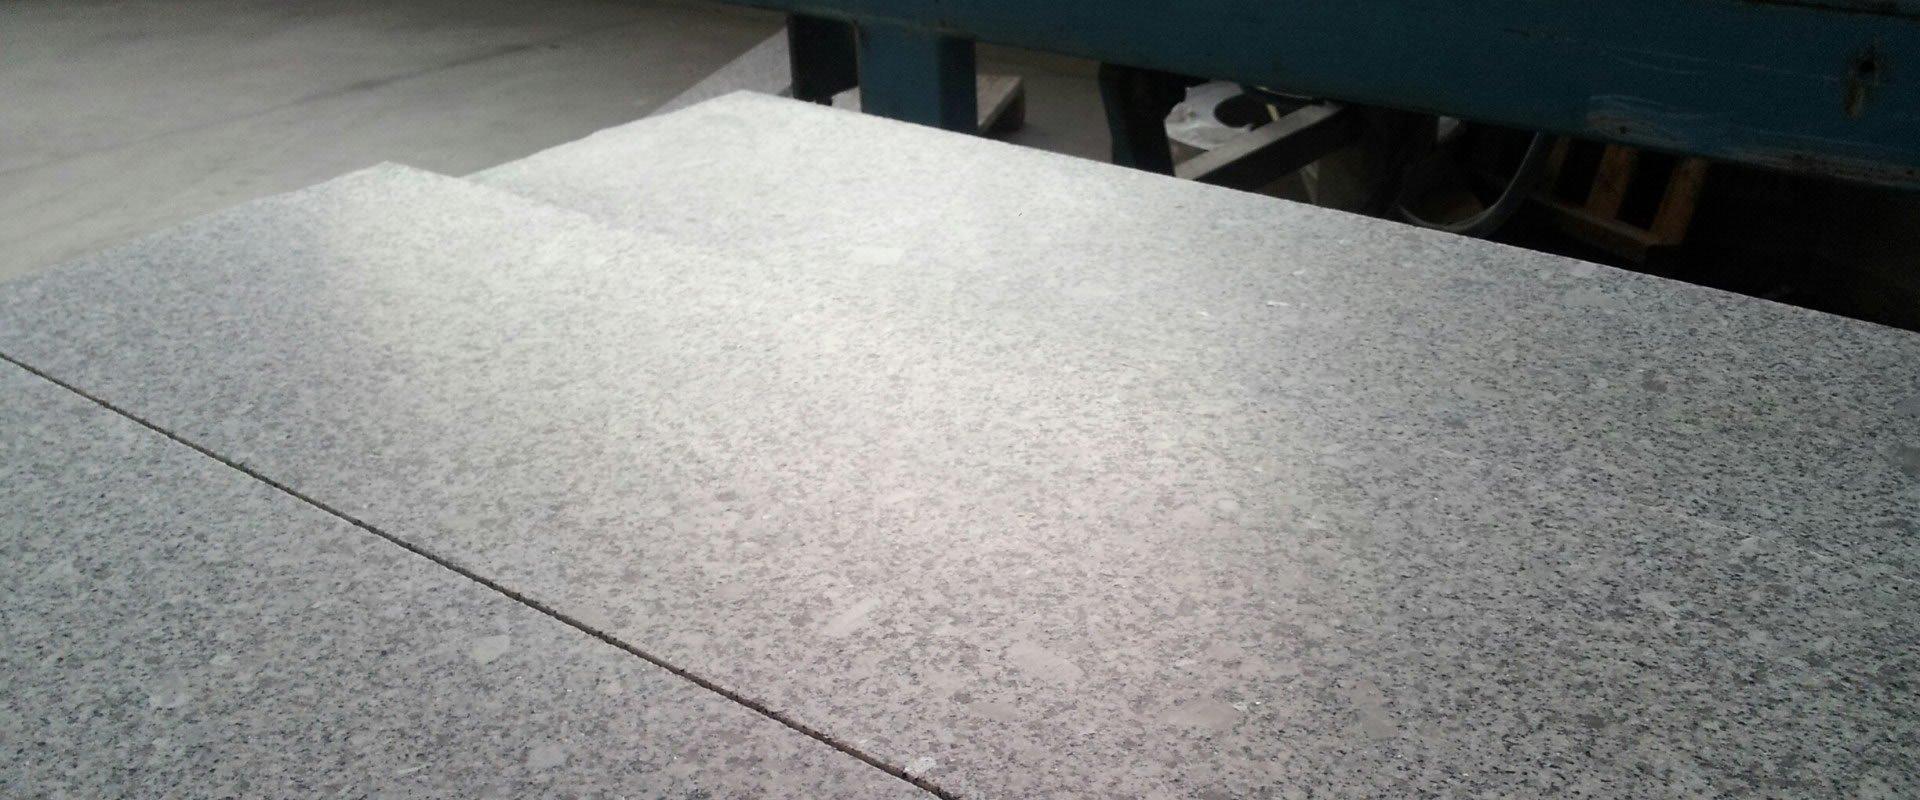 Granit geschliffen 120 R9